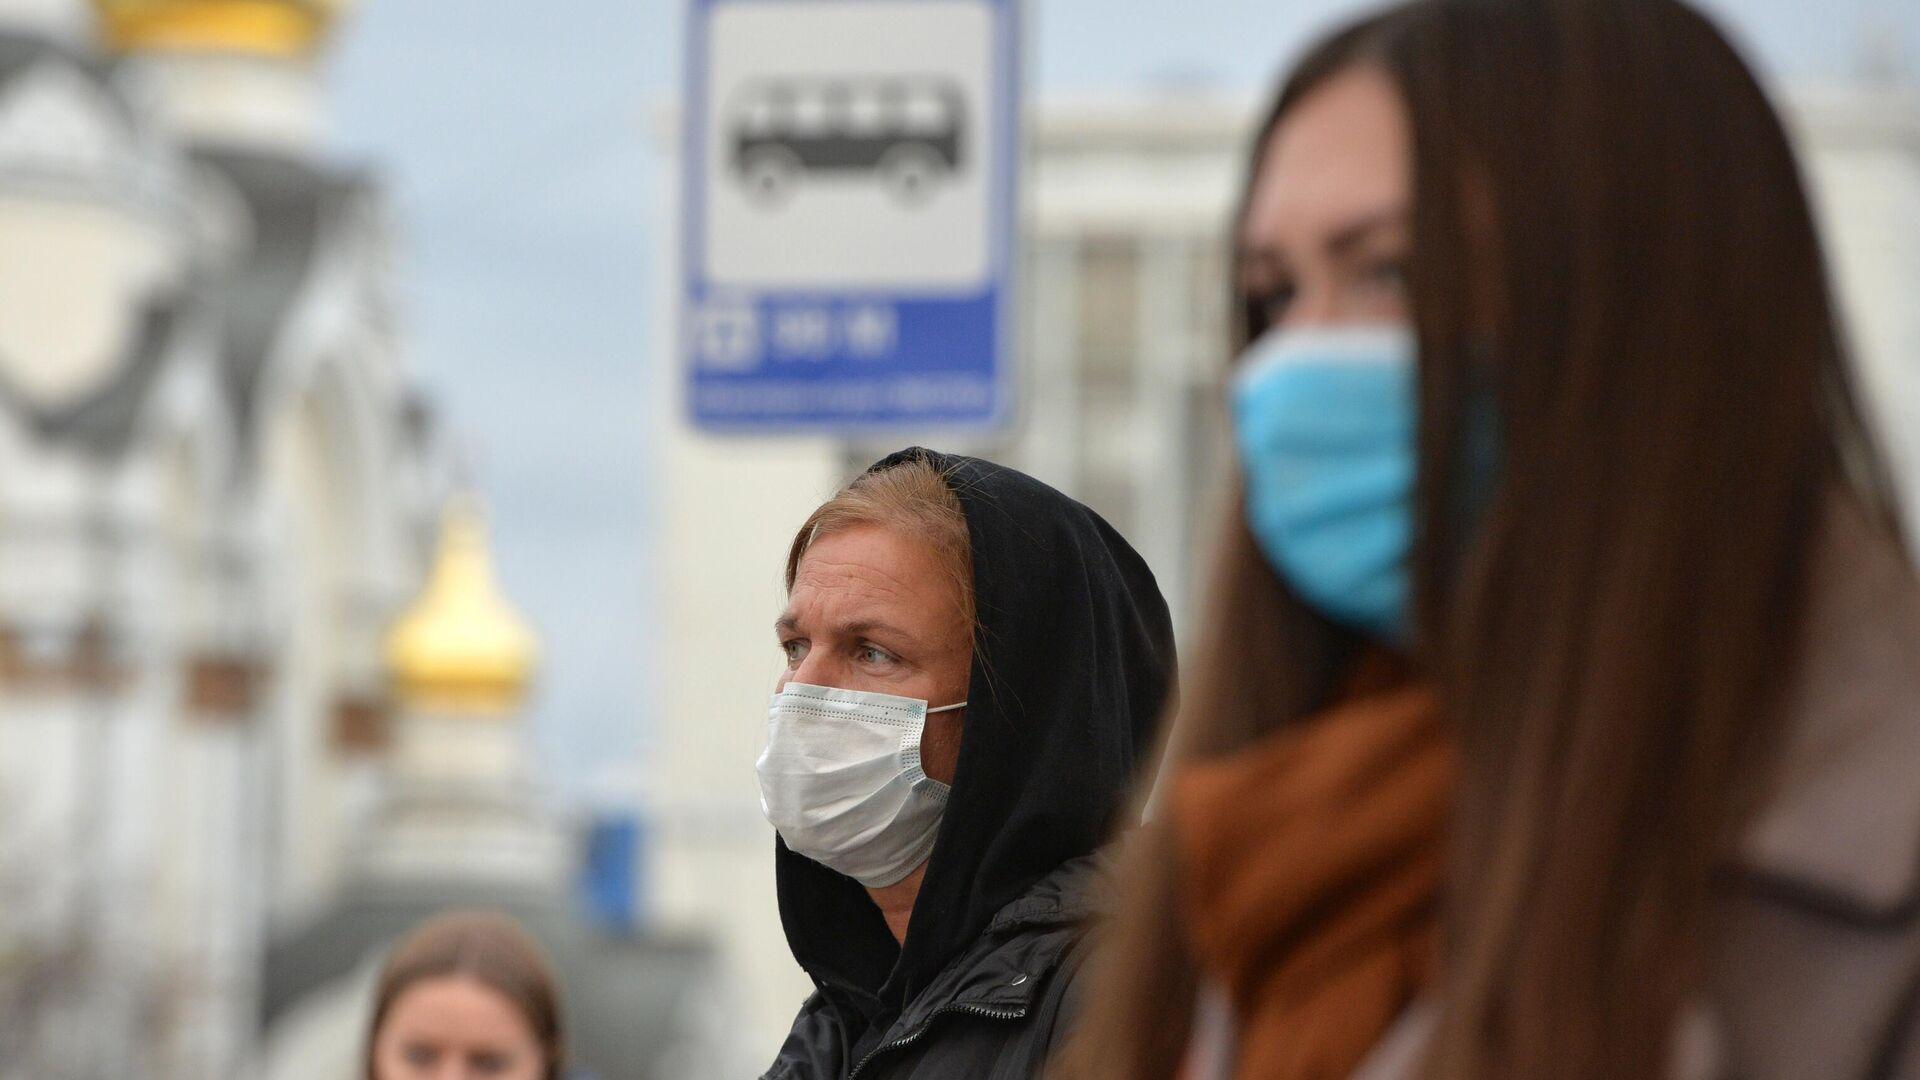 Люди в защитных масках на остановке общественного транспорта в Екатеринбурге - РИА Новости, 1920, 20.10.2020